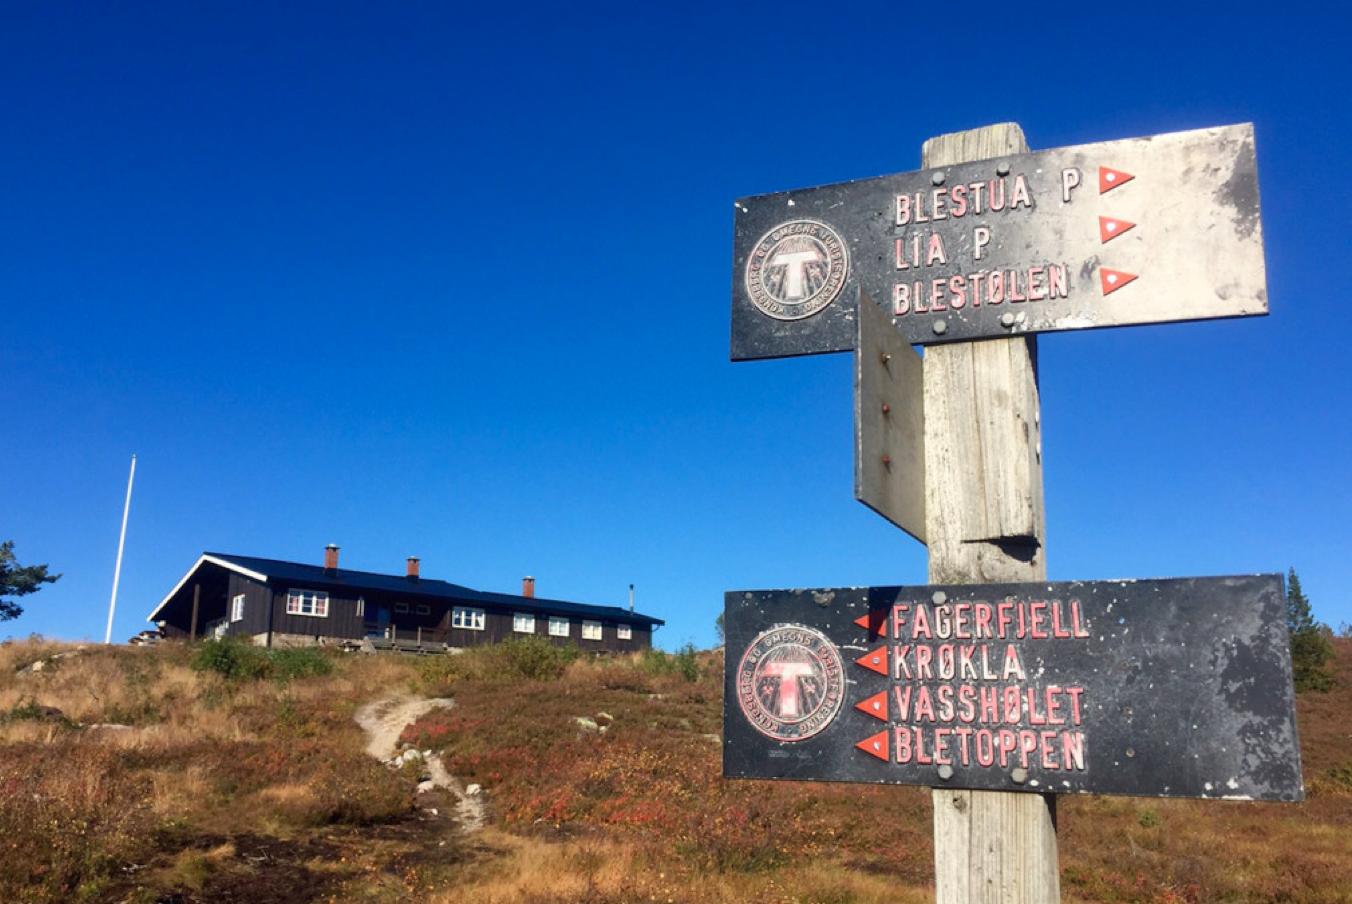 STRUTÅSEN: Fra Blefjellstua til Strutåsen er det drøye to kilometer.